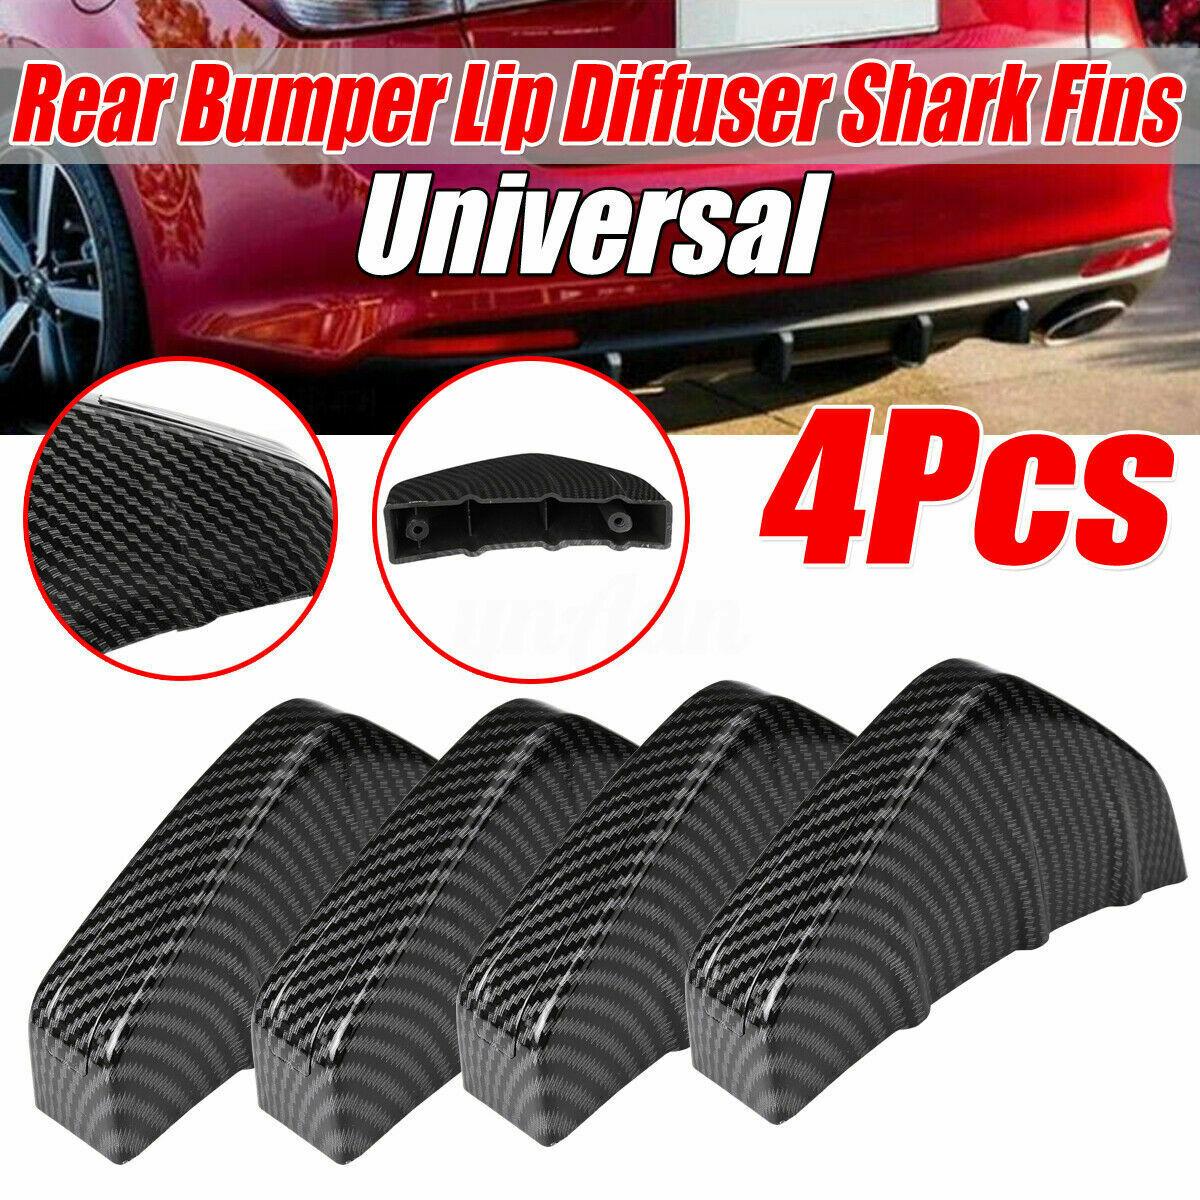 4Pcs Rear Bumper Fins Spoiler Wing Lip Splitter Carbon Fiber Look Accessories